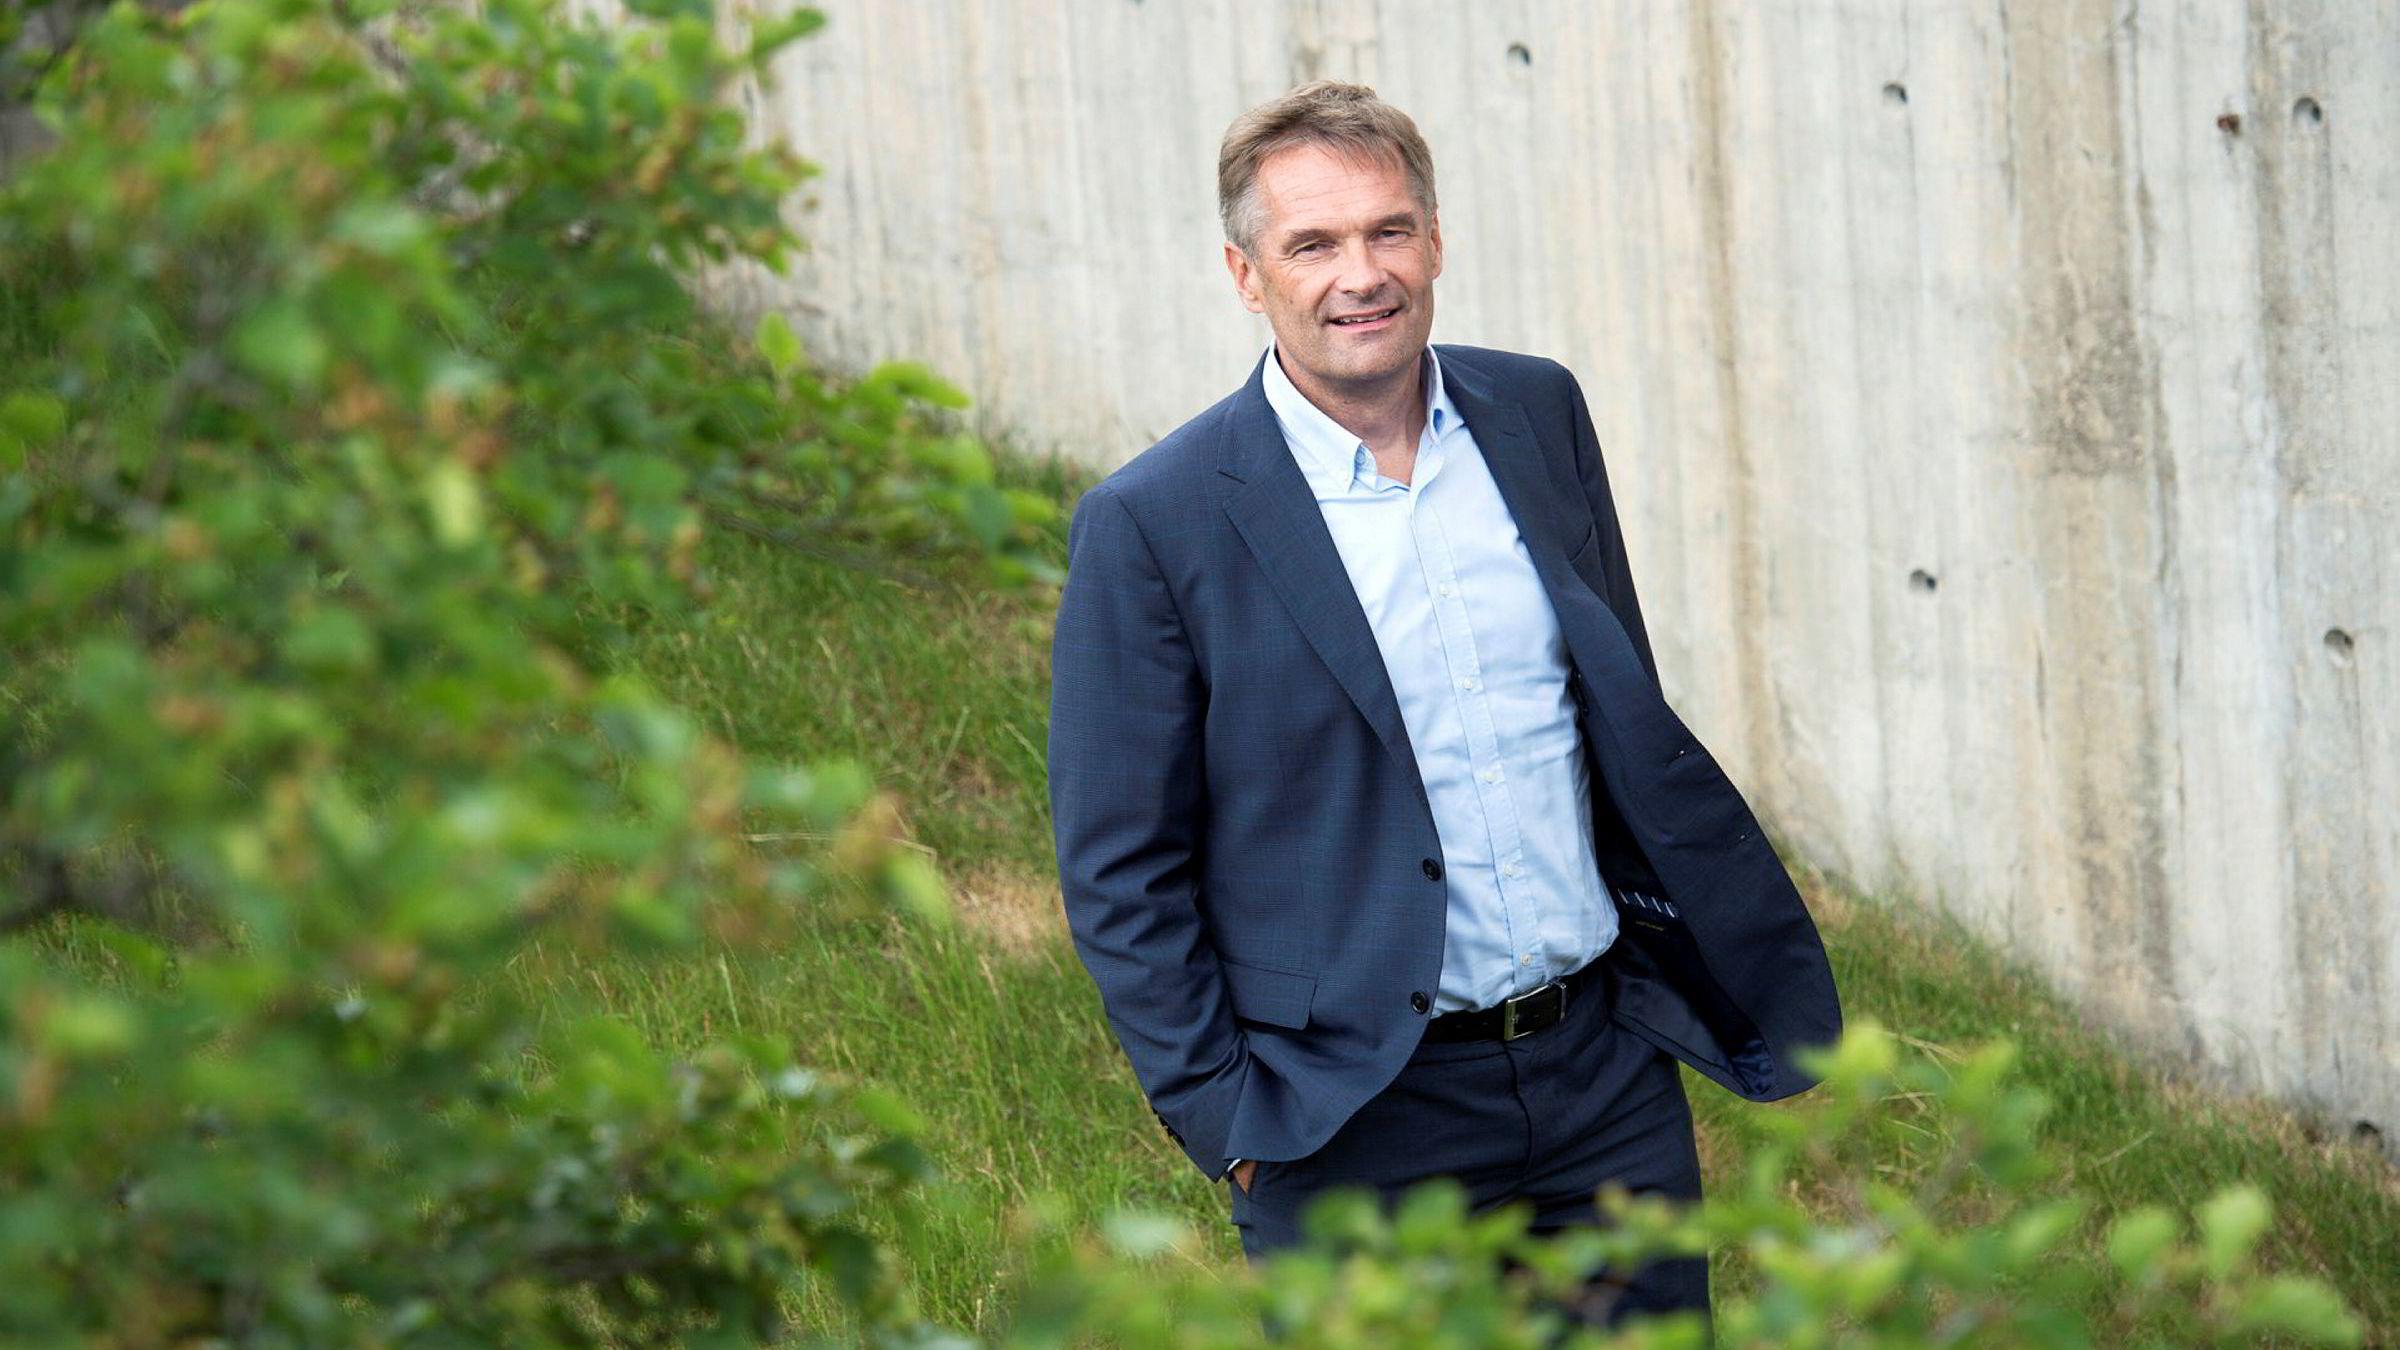 Ifølge årsrapporten fikk administrerende direktør Abraham Foss i Telia Norge utbetalt nesten 5,7 millioner kroner i lønn i 2017. Det inkluderer også bonus for arbeid gjort i 2016. Inkludert pensjonsutgifter og andre godtgjørelser utgjorde lønnskostnadene for Foss til sammen 6,8 millioner.